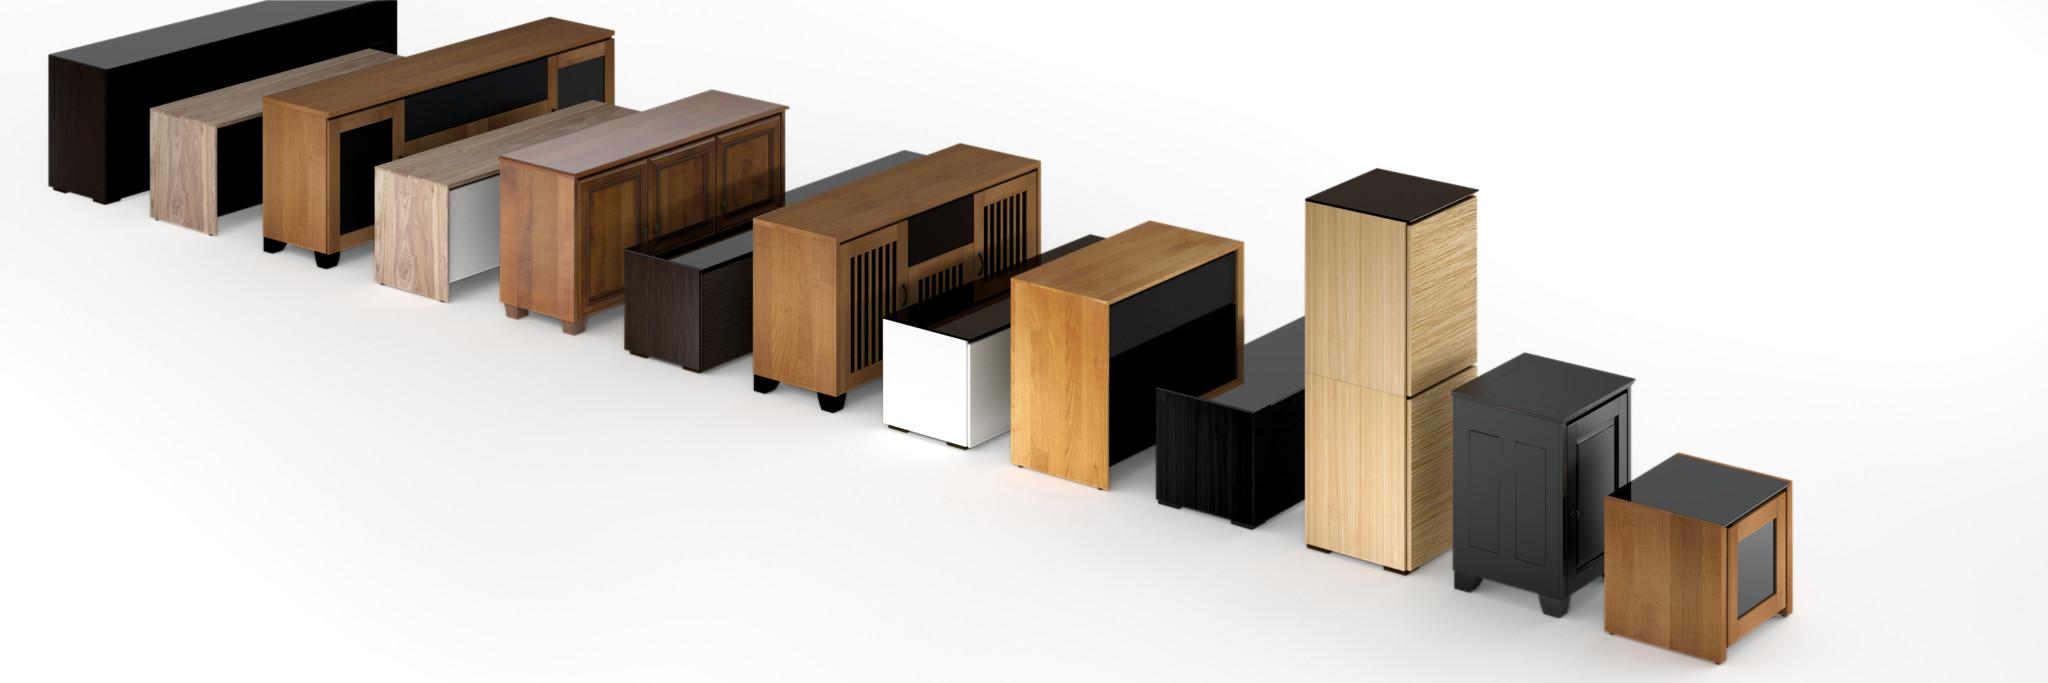 Audio Video Furniture Solutions Intelligentdesign